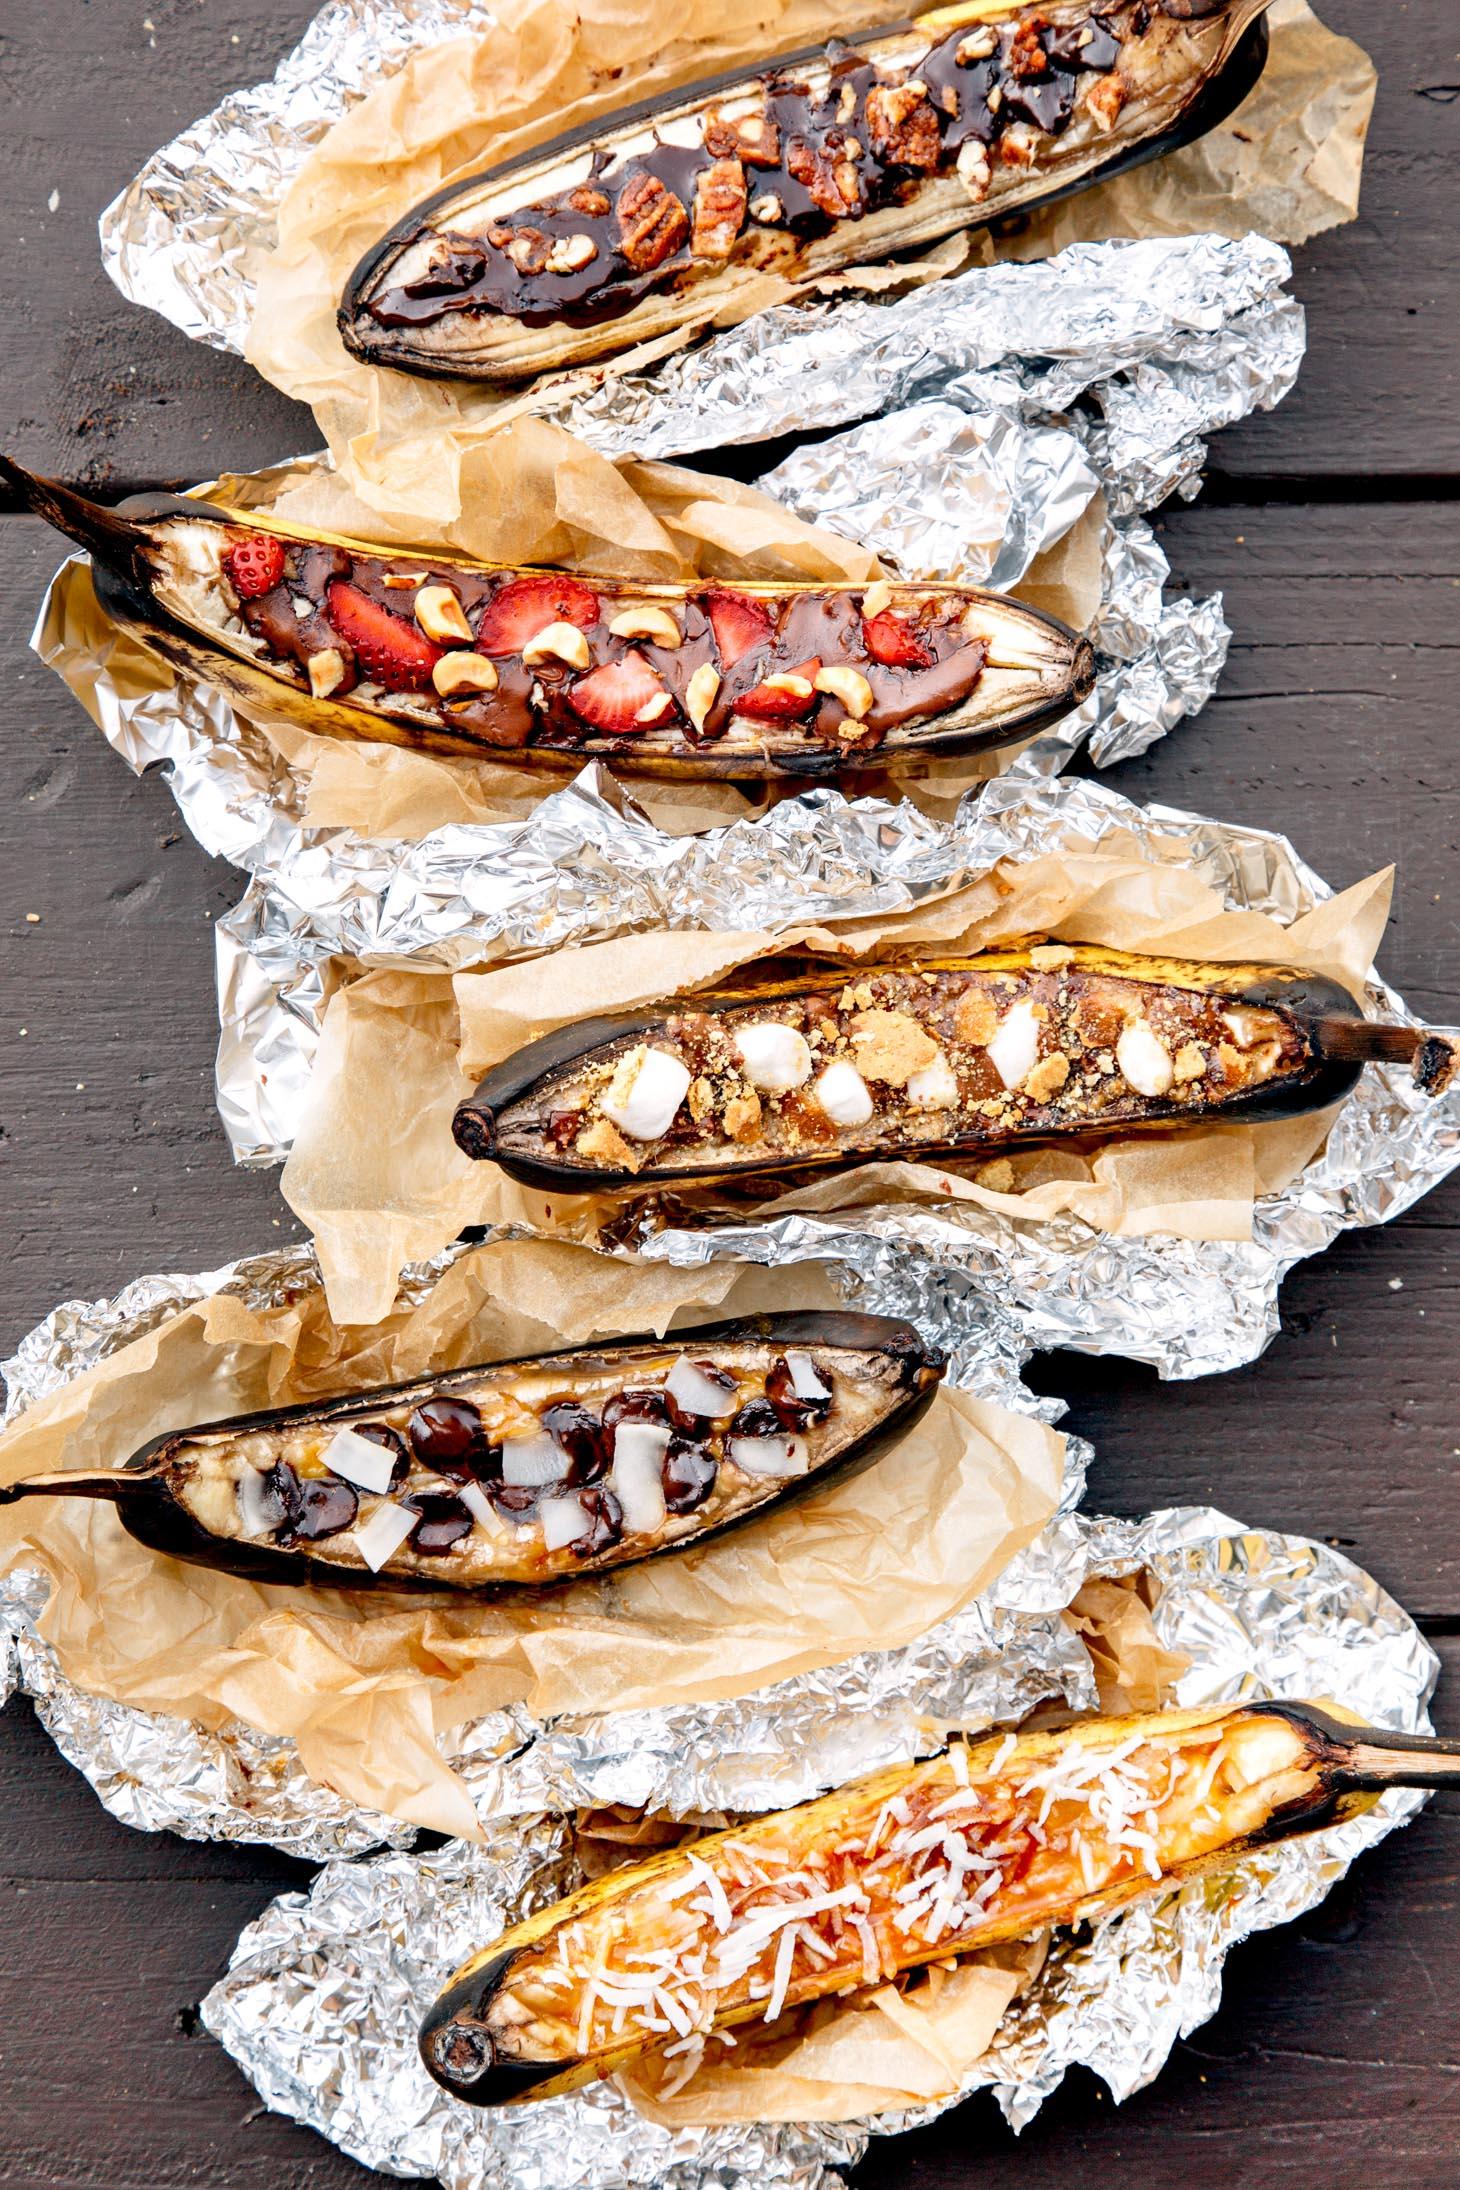 hajkbanan-recept-grill.jpg